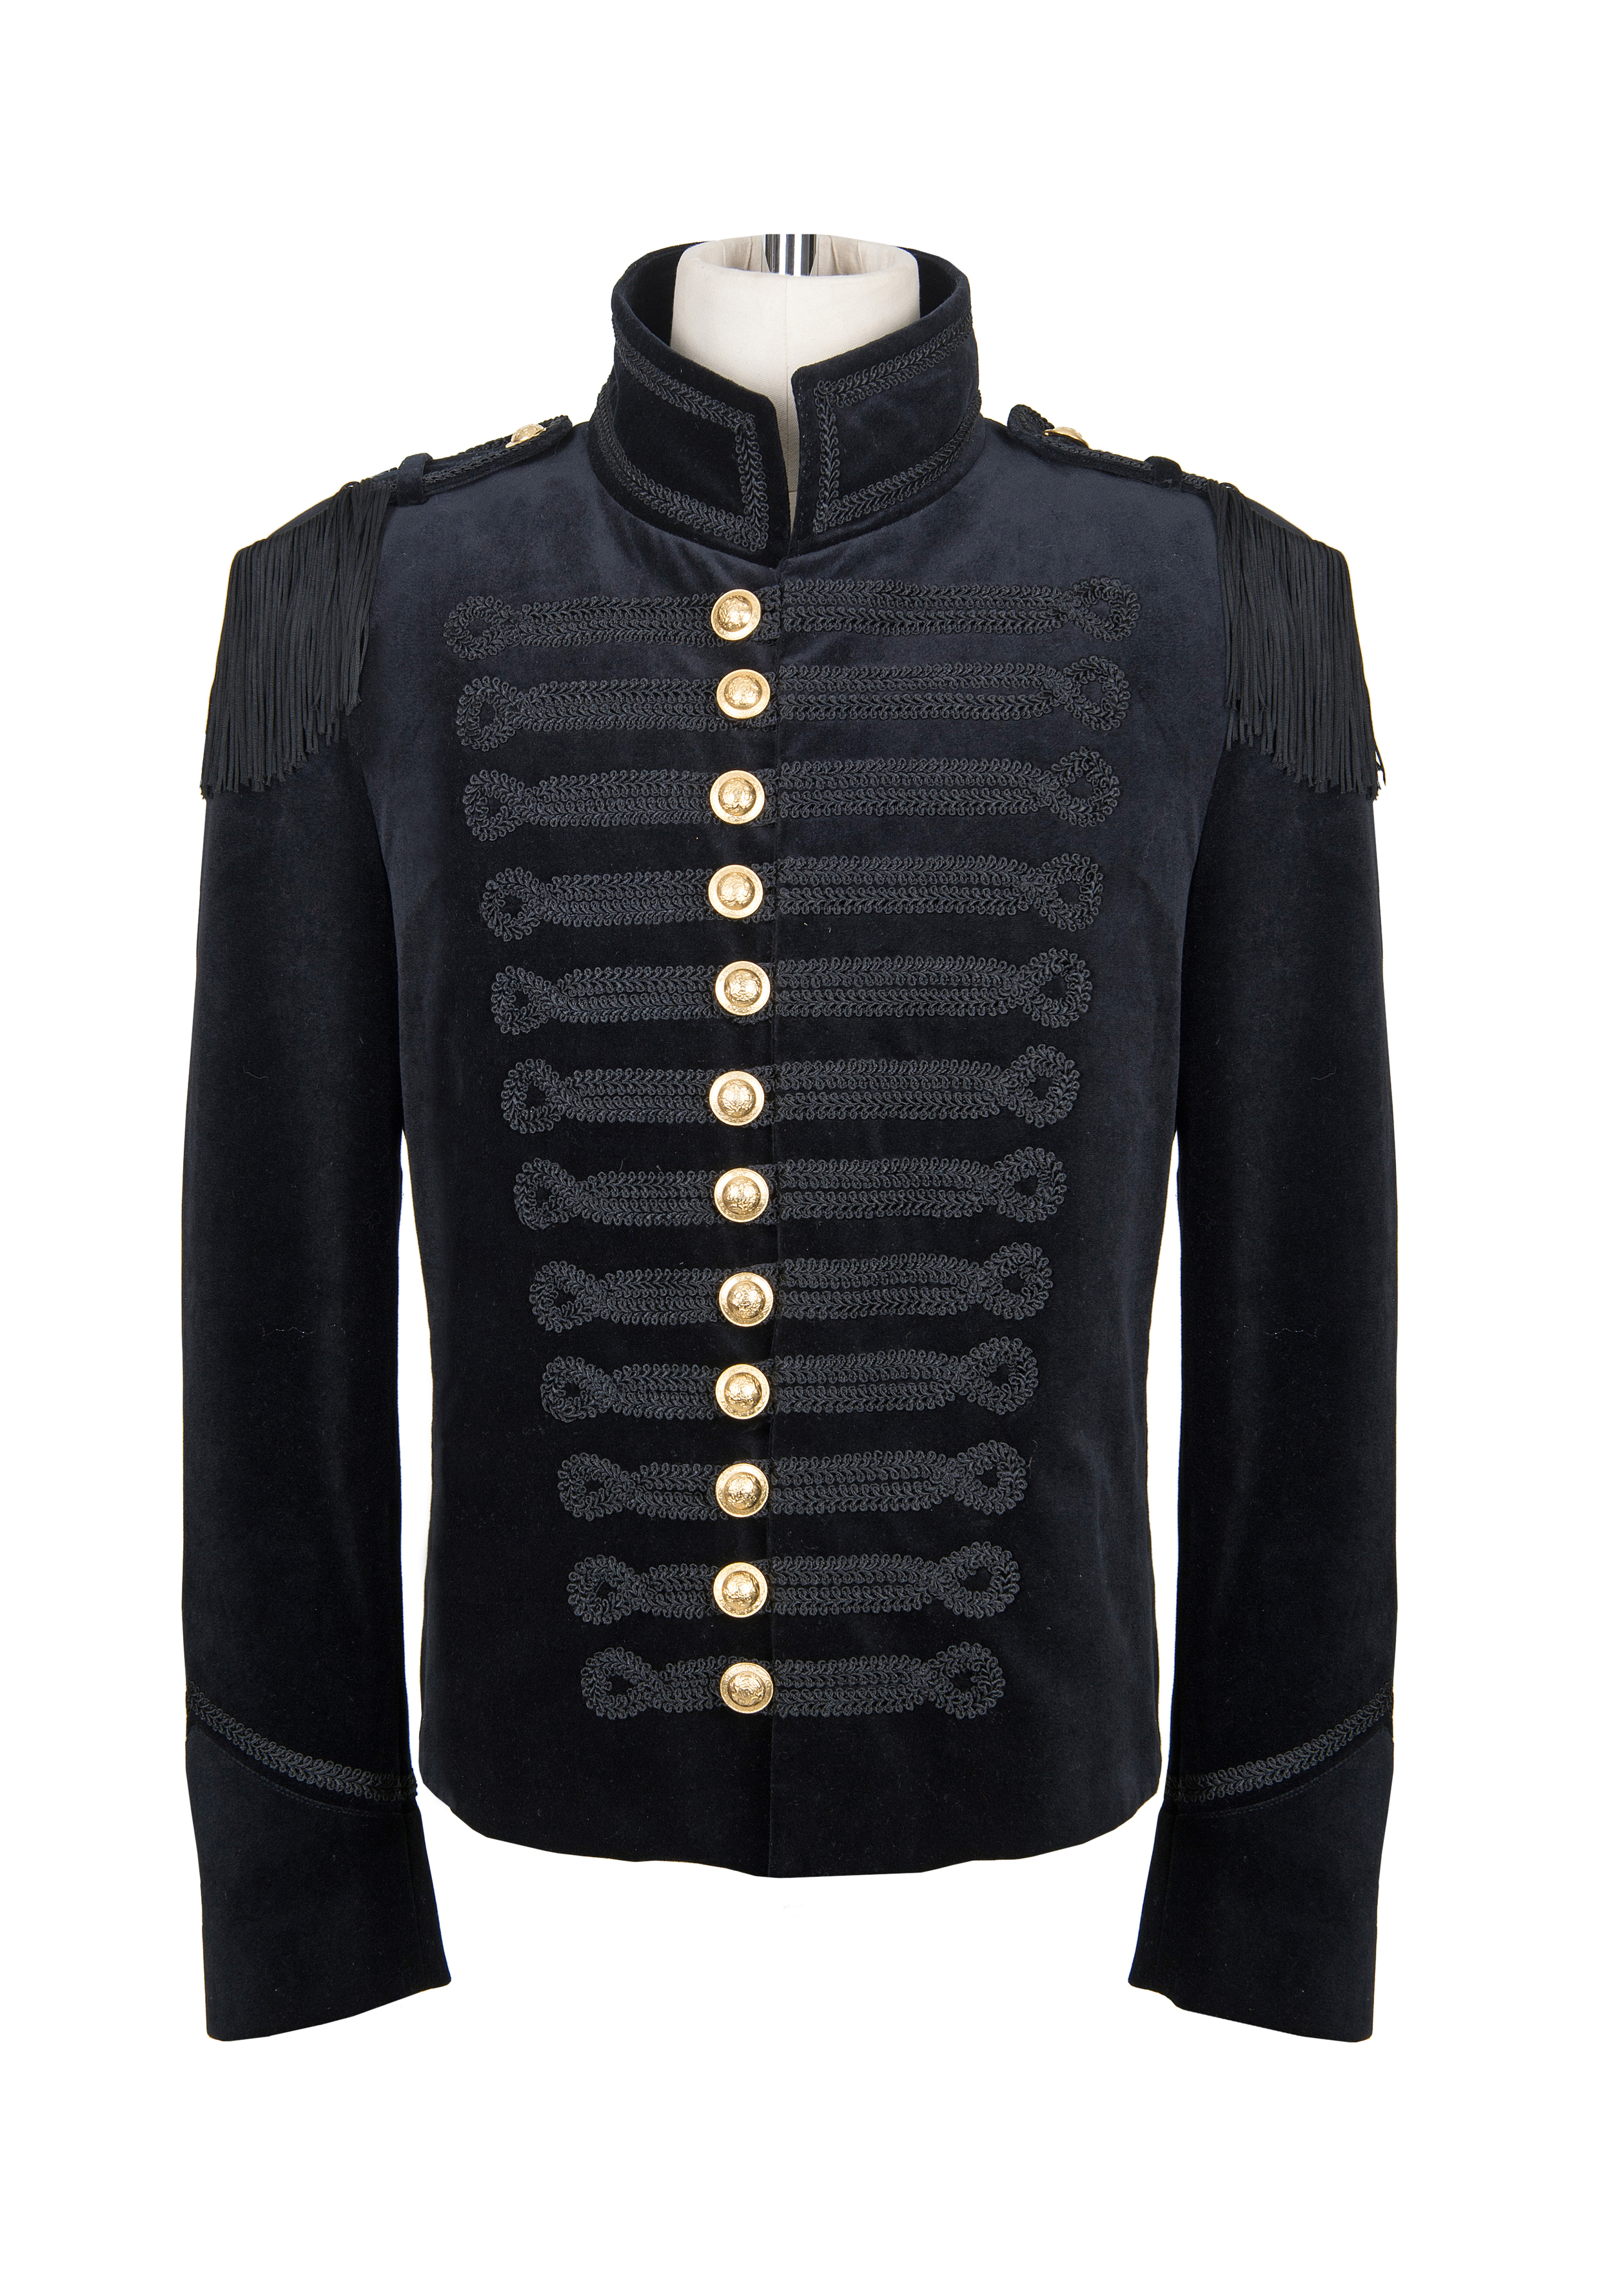 Black velvet mans jacket gold buttons.jpg